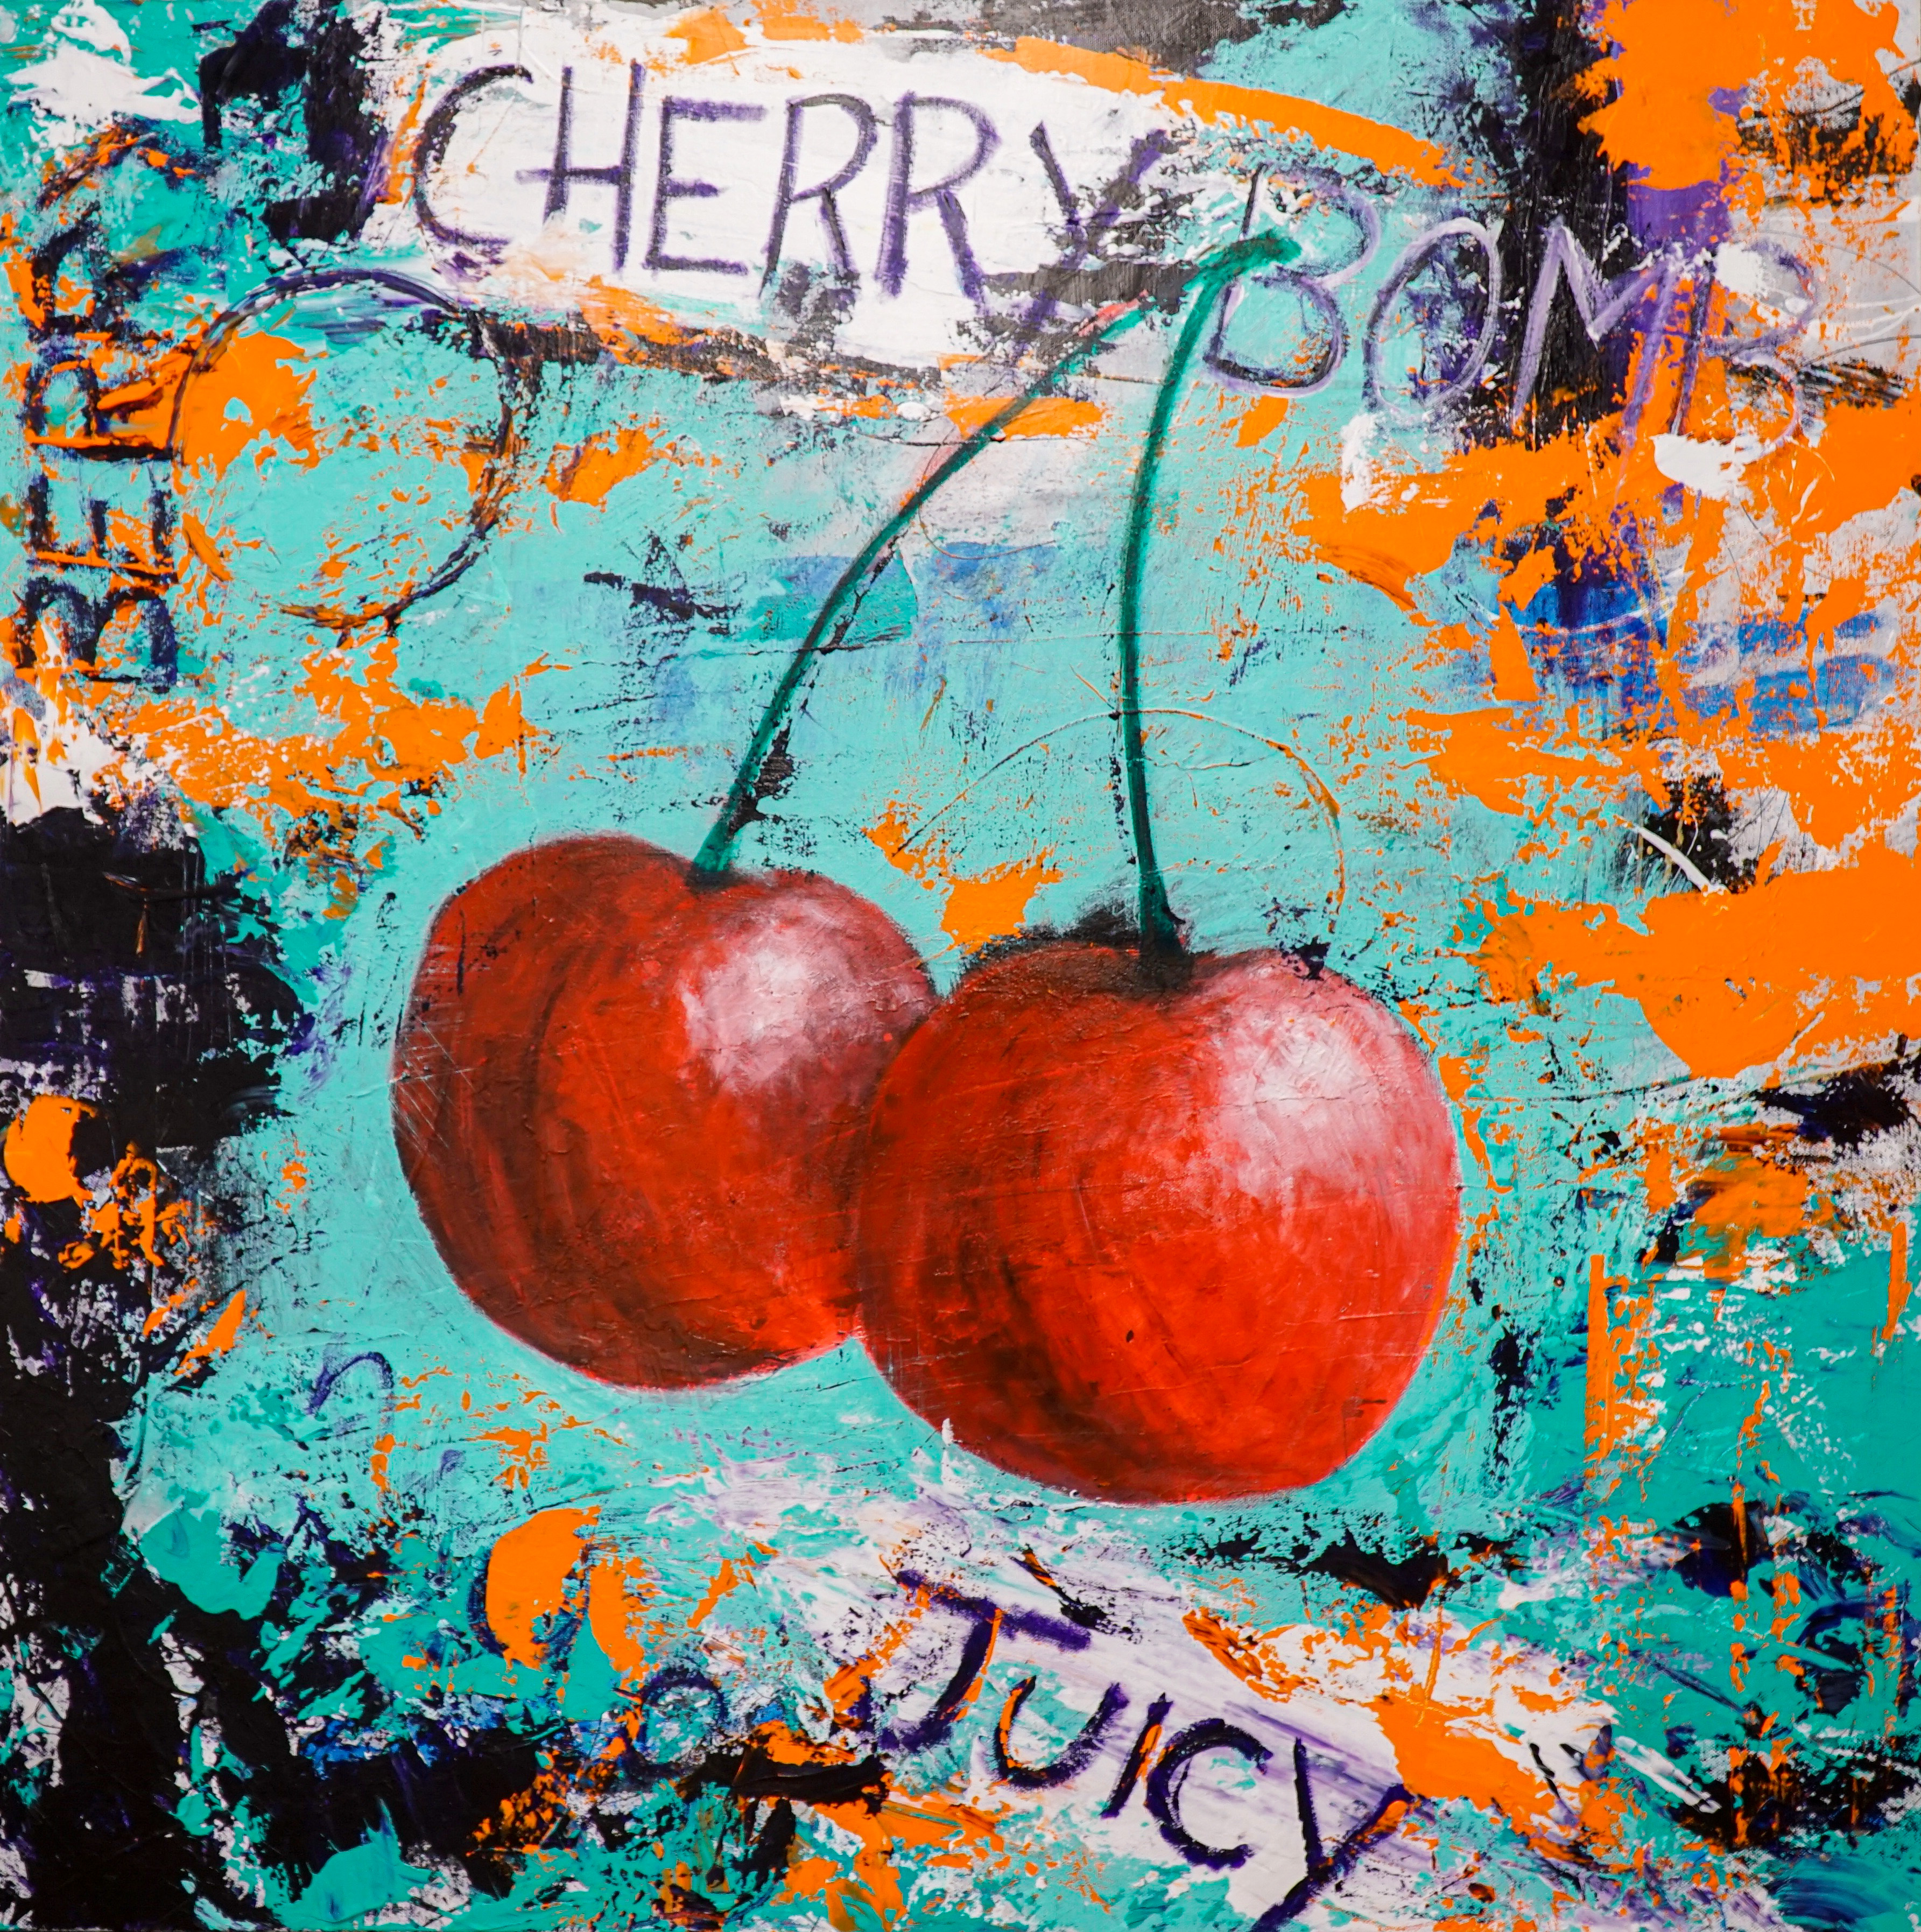 Cherrybomb II